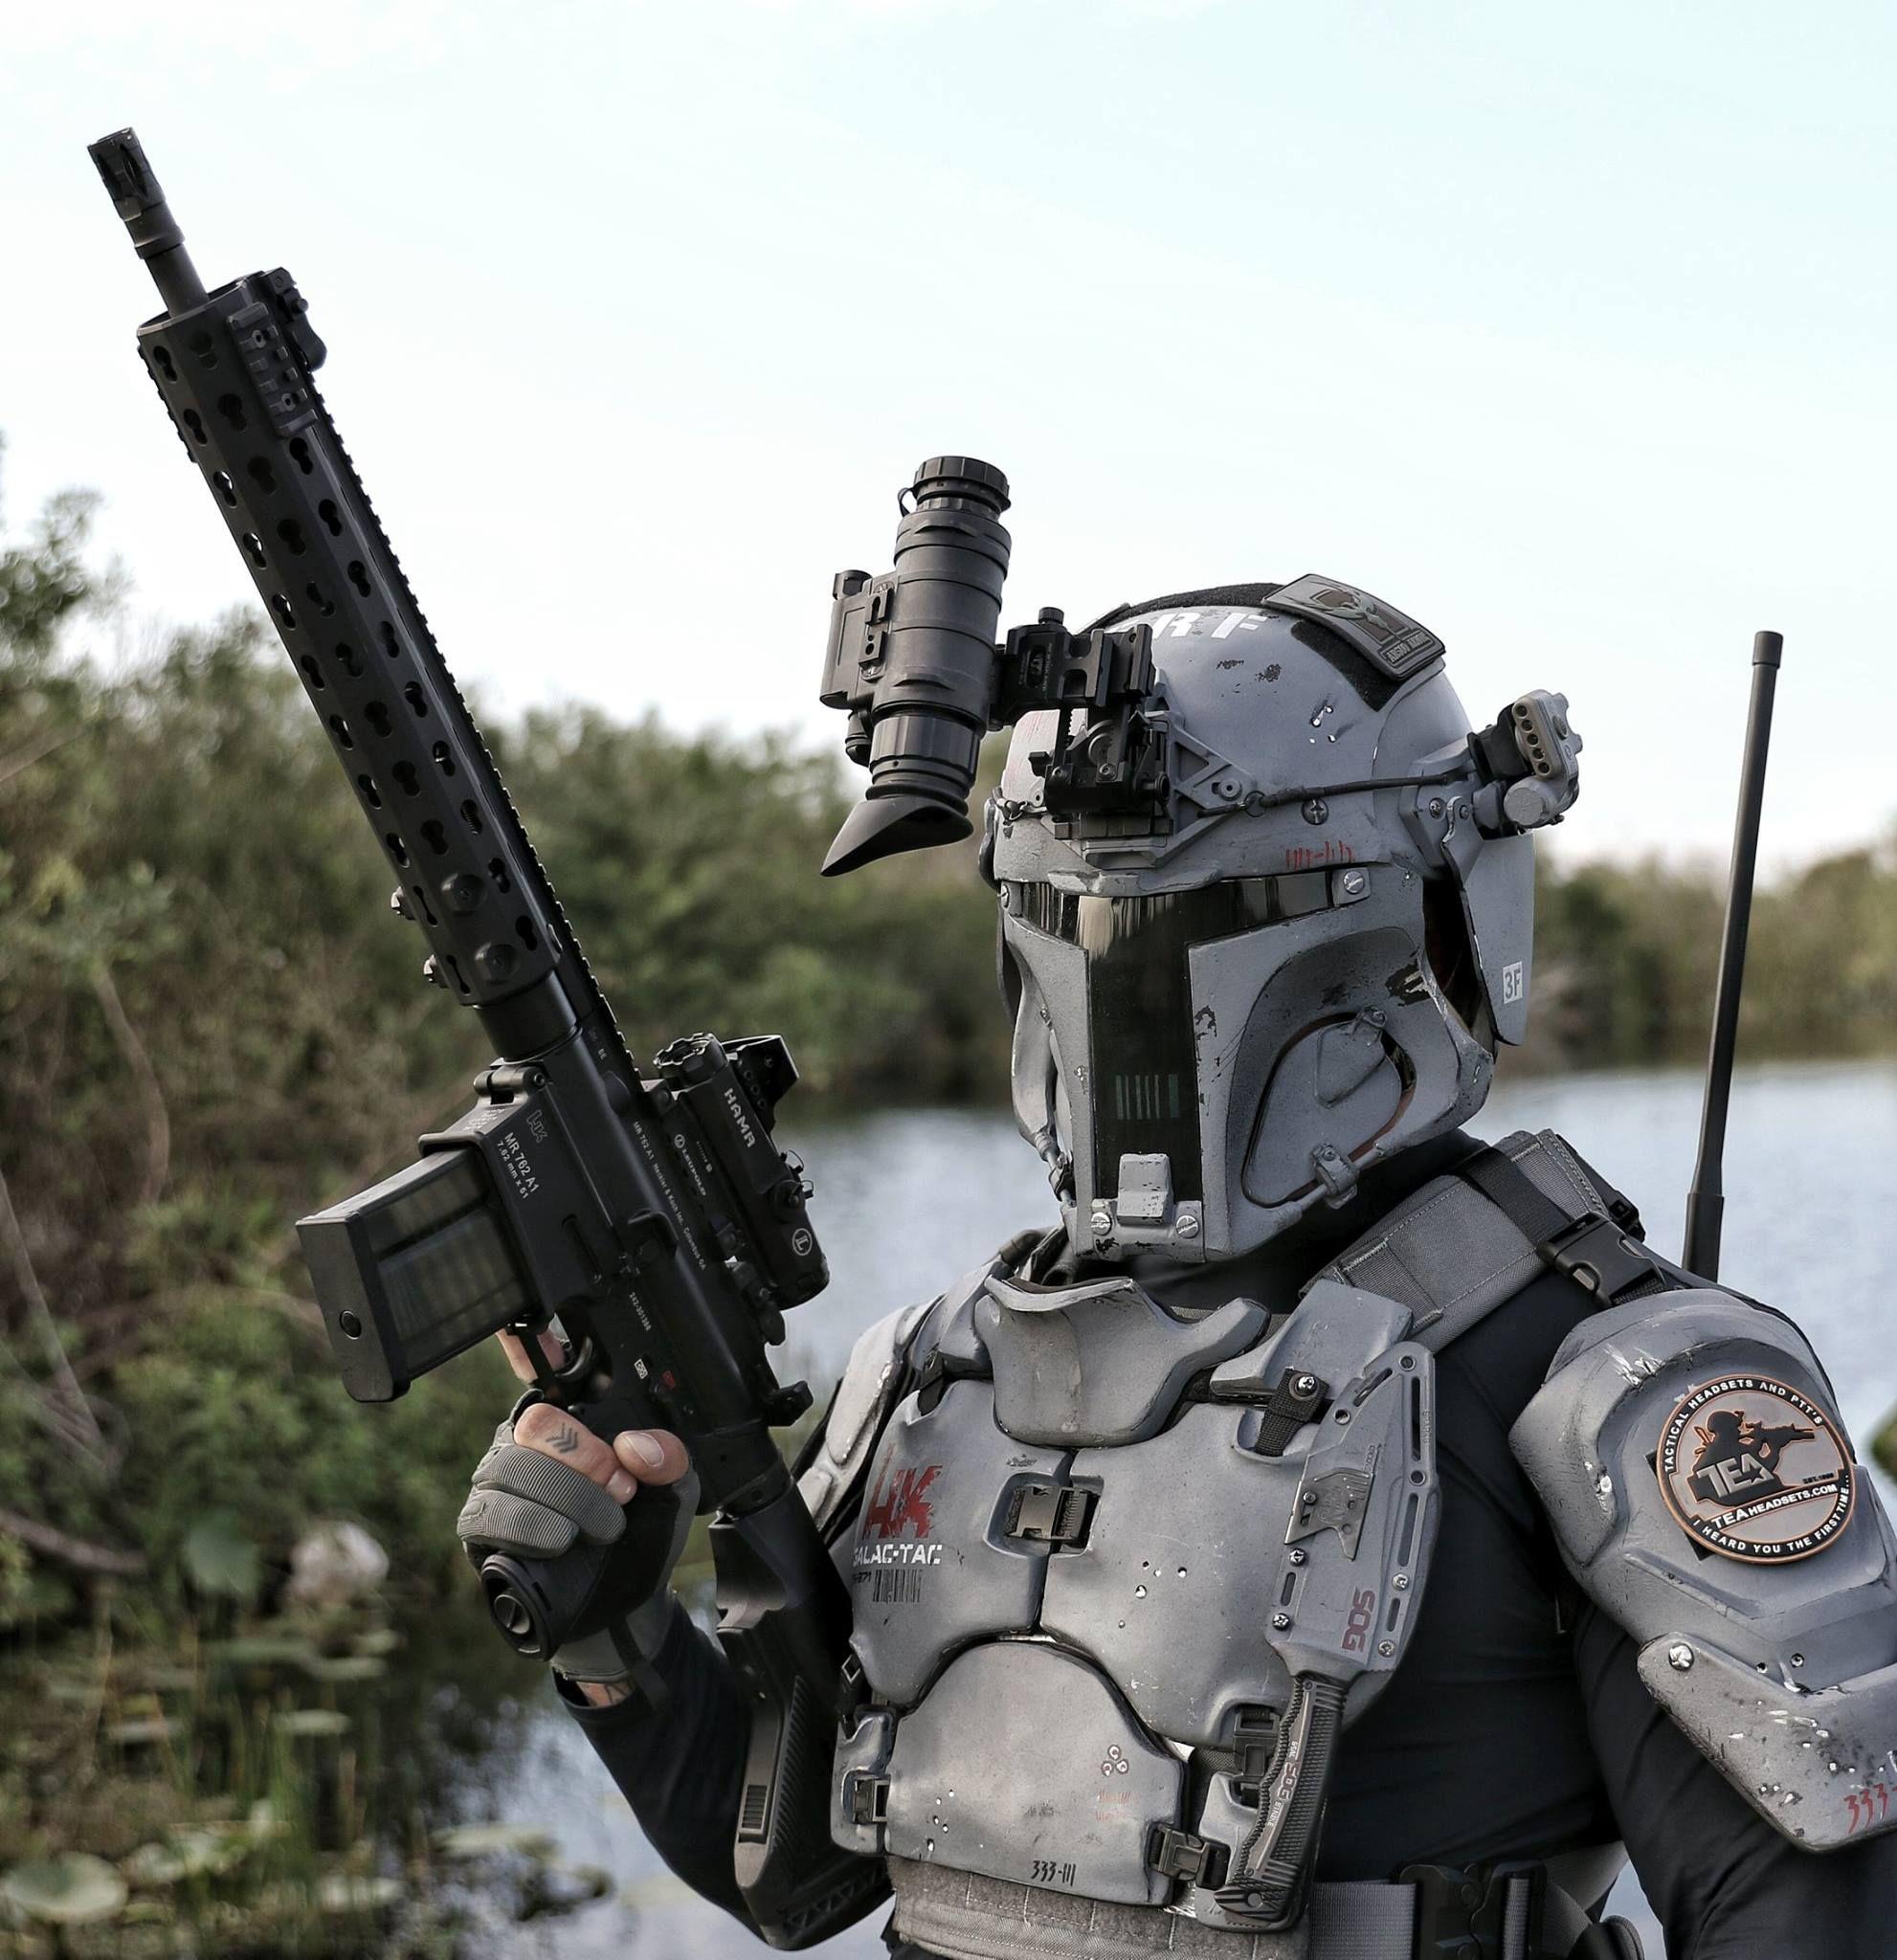 Ballistic armor based on Boba Fett